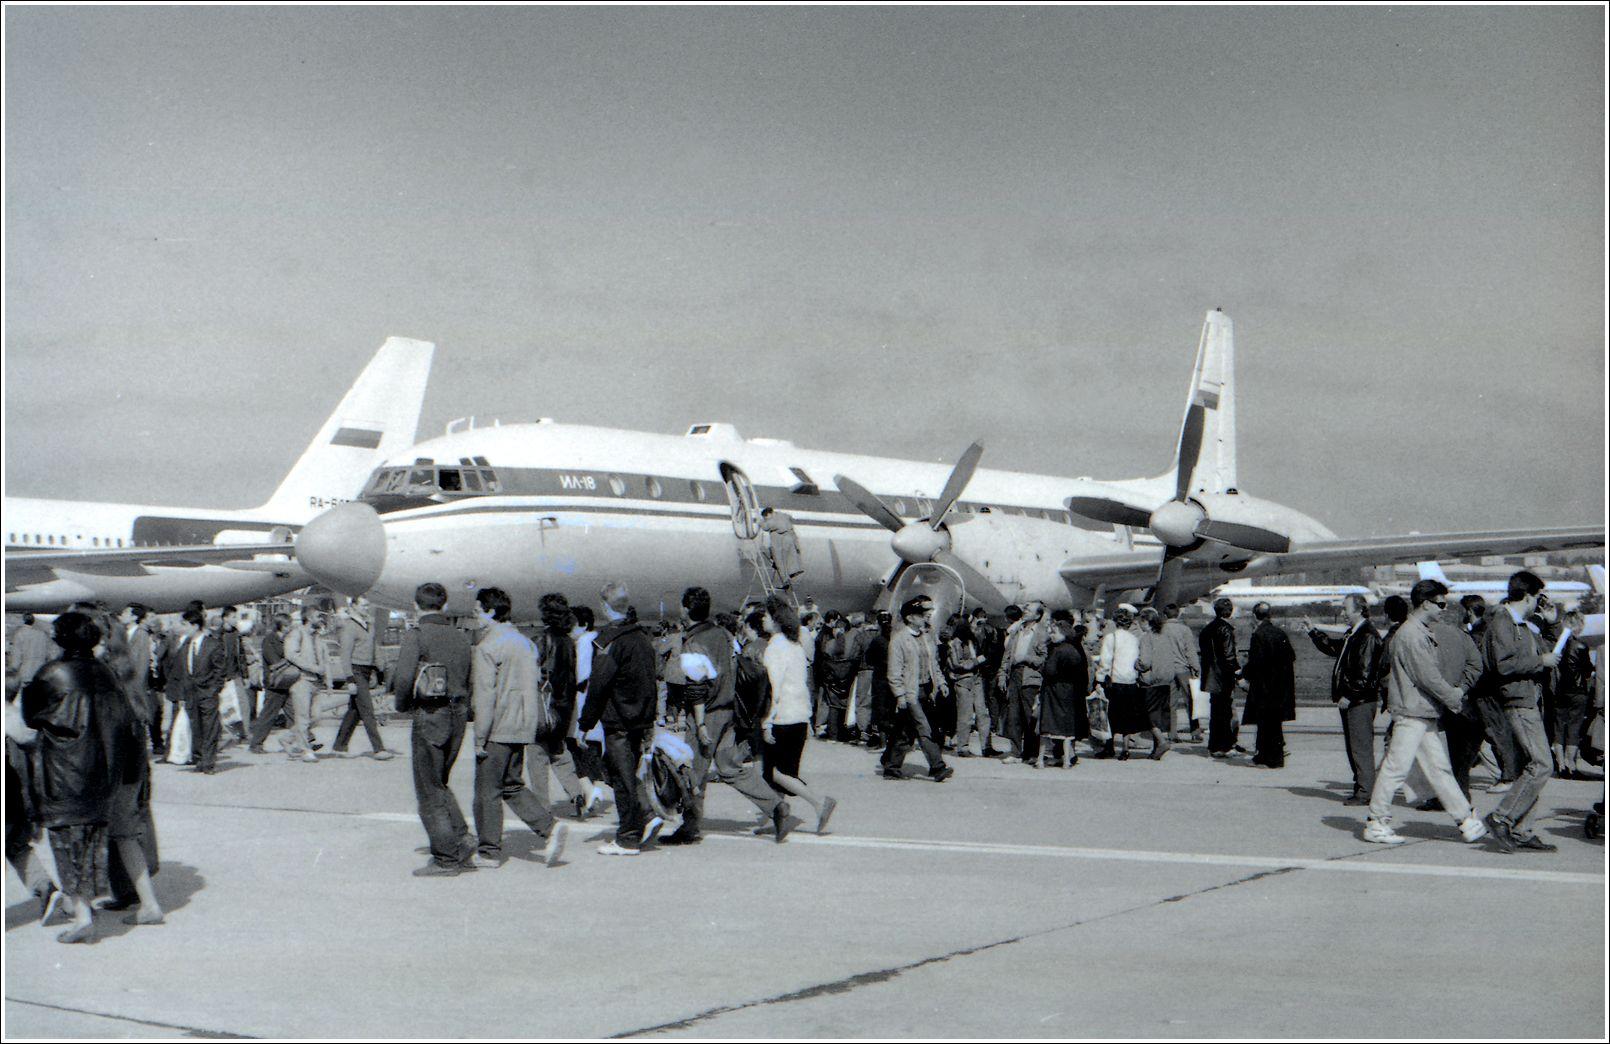 Ил-18 (1993 г.) Ил-18 авиация самолет стоянка Жуковский 1993